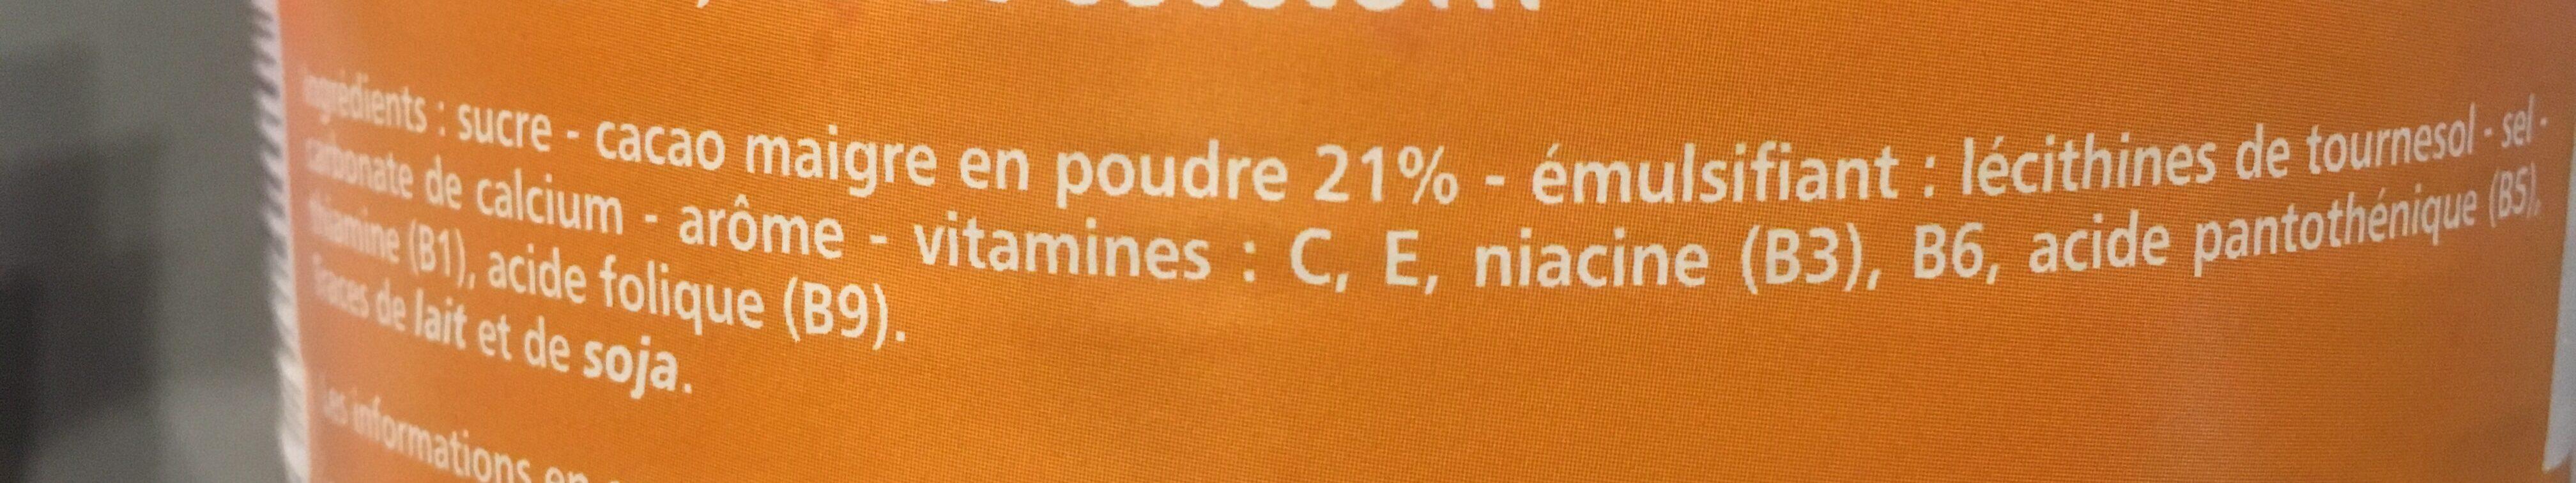 P'tits granulés cacaotés - 7 vitamines et calcium - les doodingues de casino - Ingredients